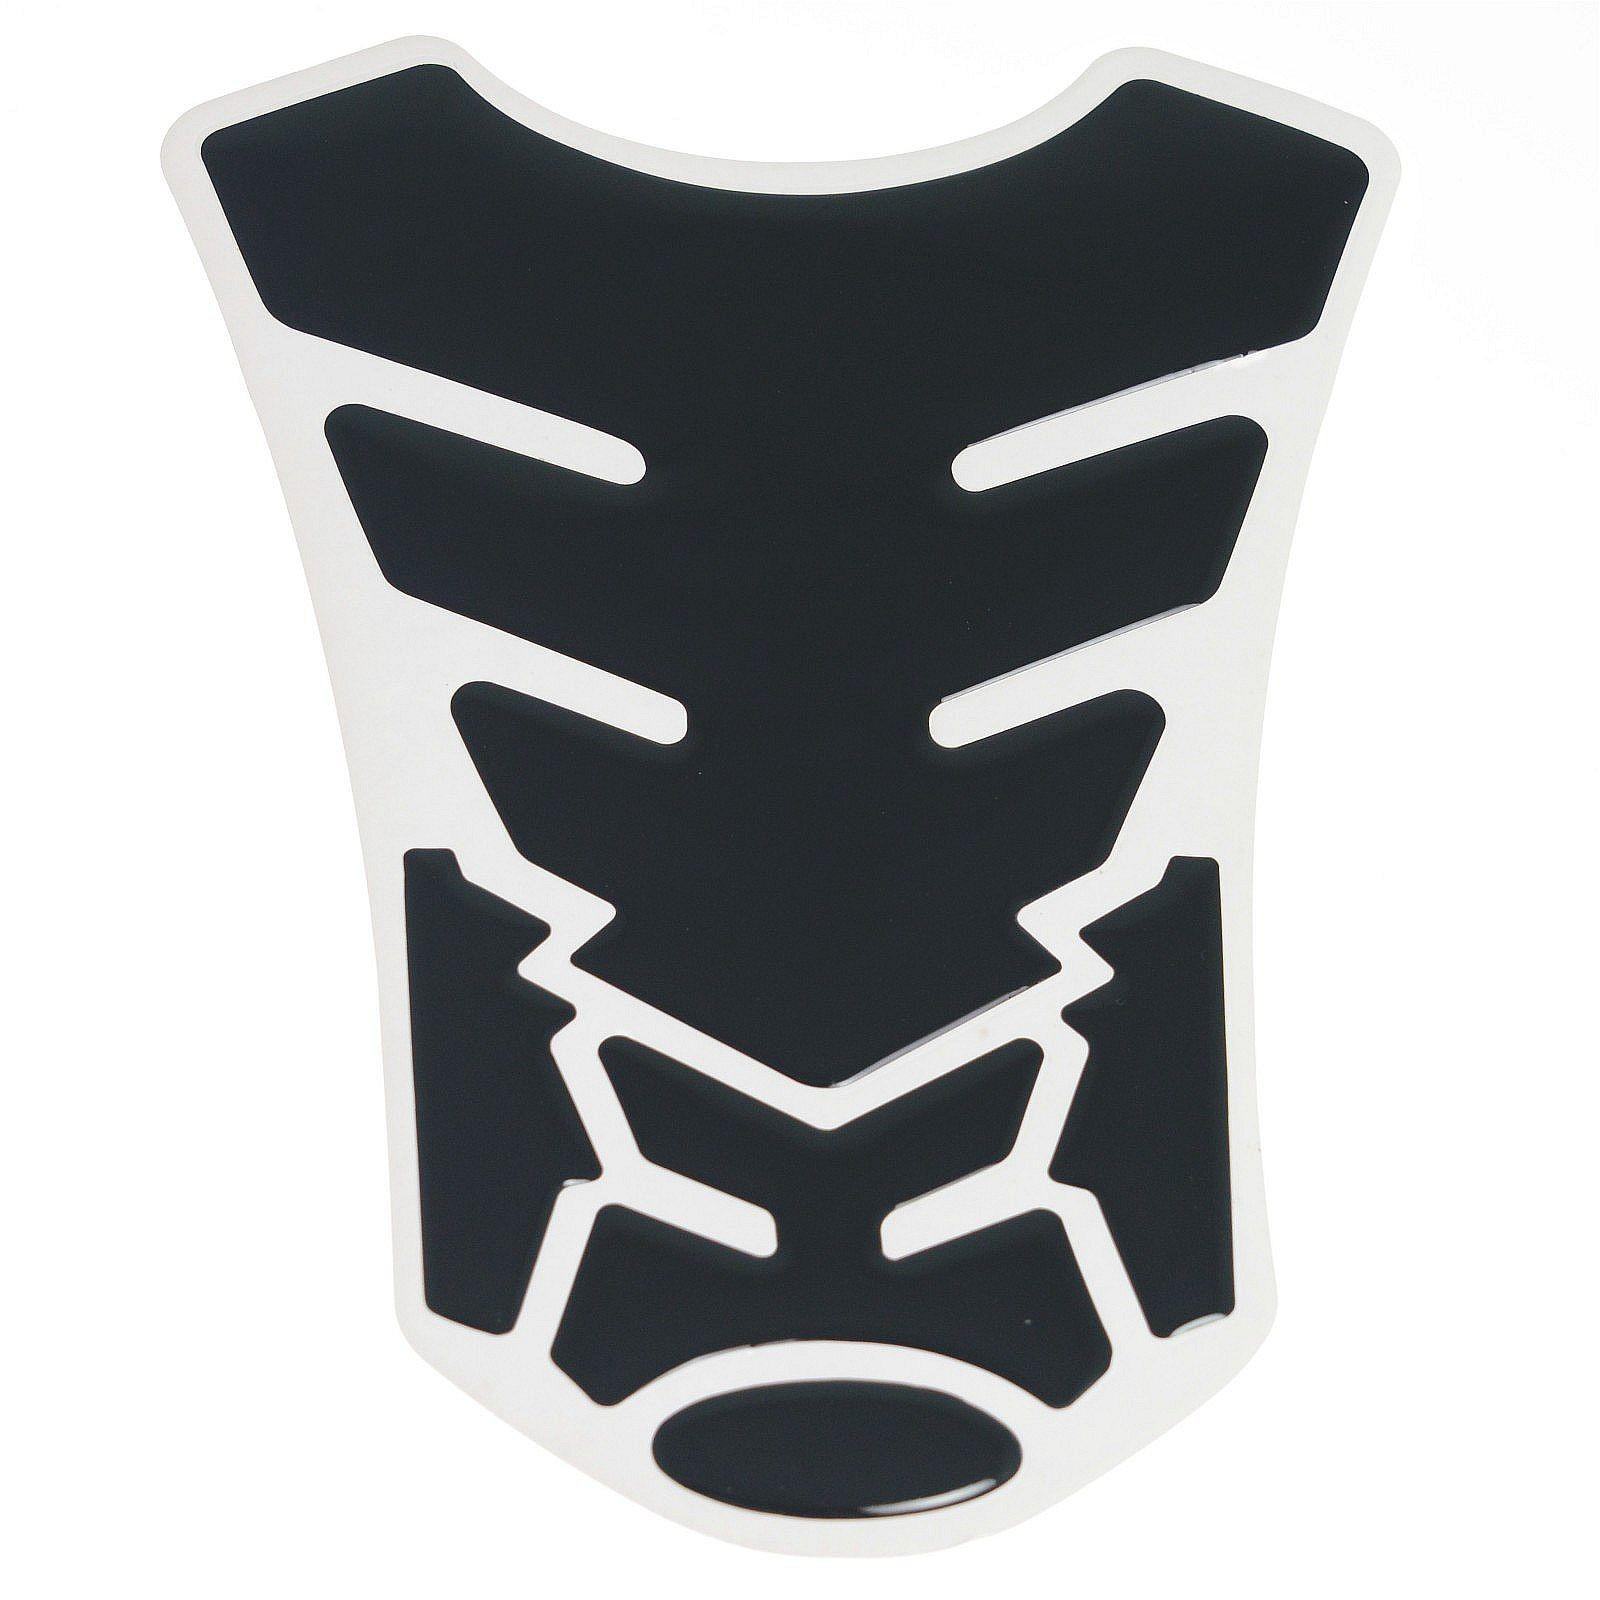 Adesivo Protezione Serbatoio Moto Resina 3D Paraserbatoio Stickers Nero